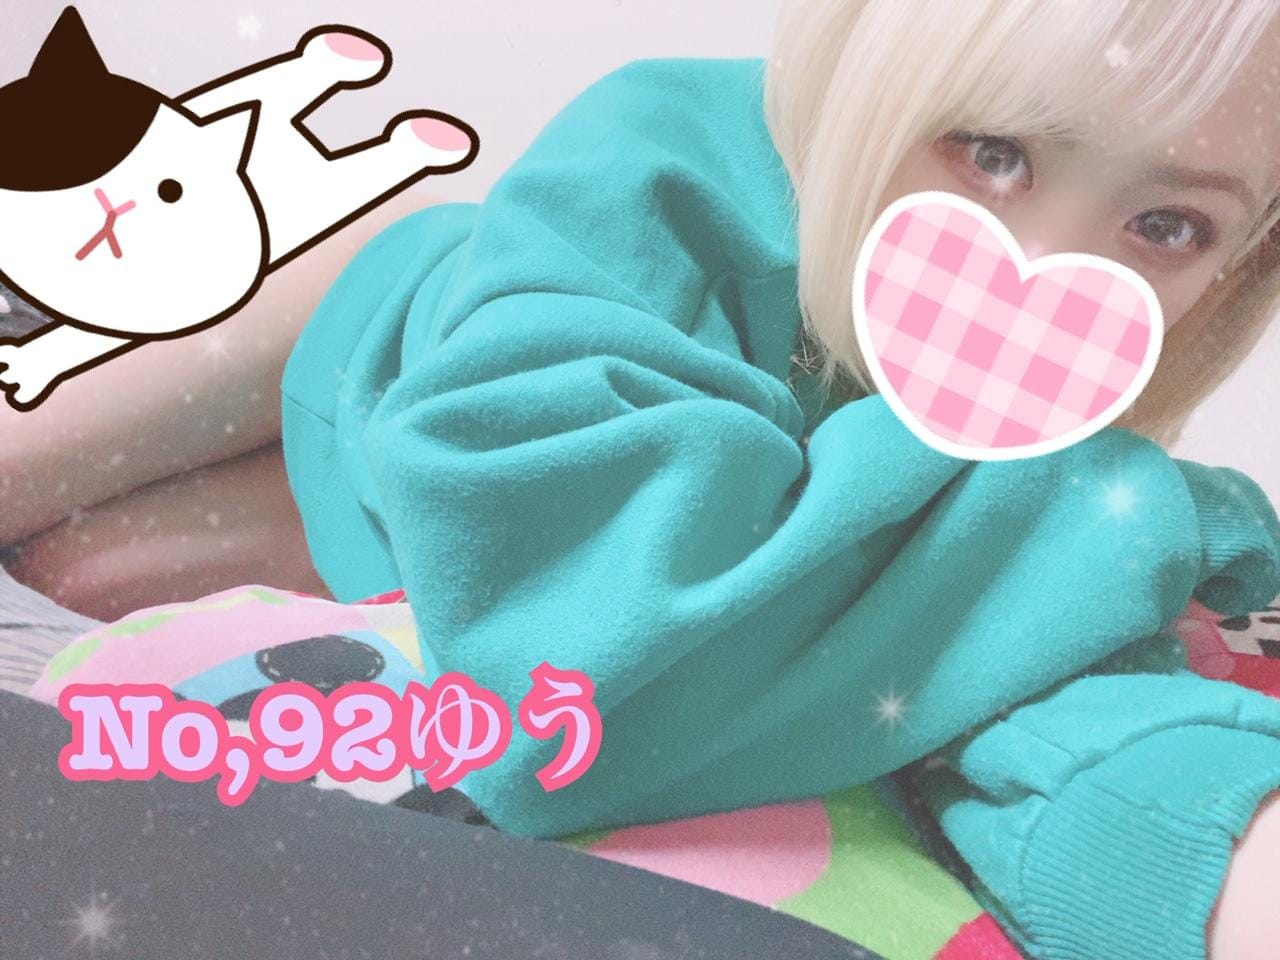 「さむーい(´・ω・`)」11/12(11/12) 09:00 | ゆうの写メ・風俗動画